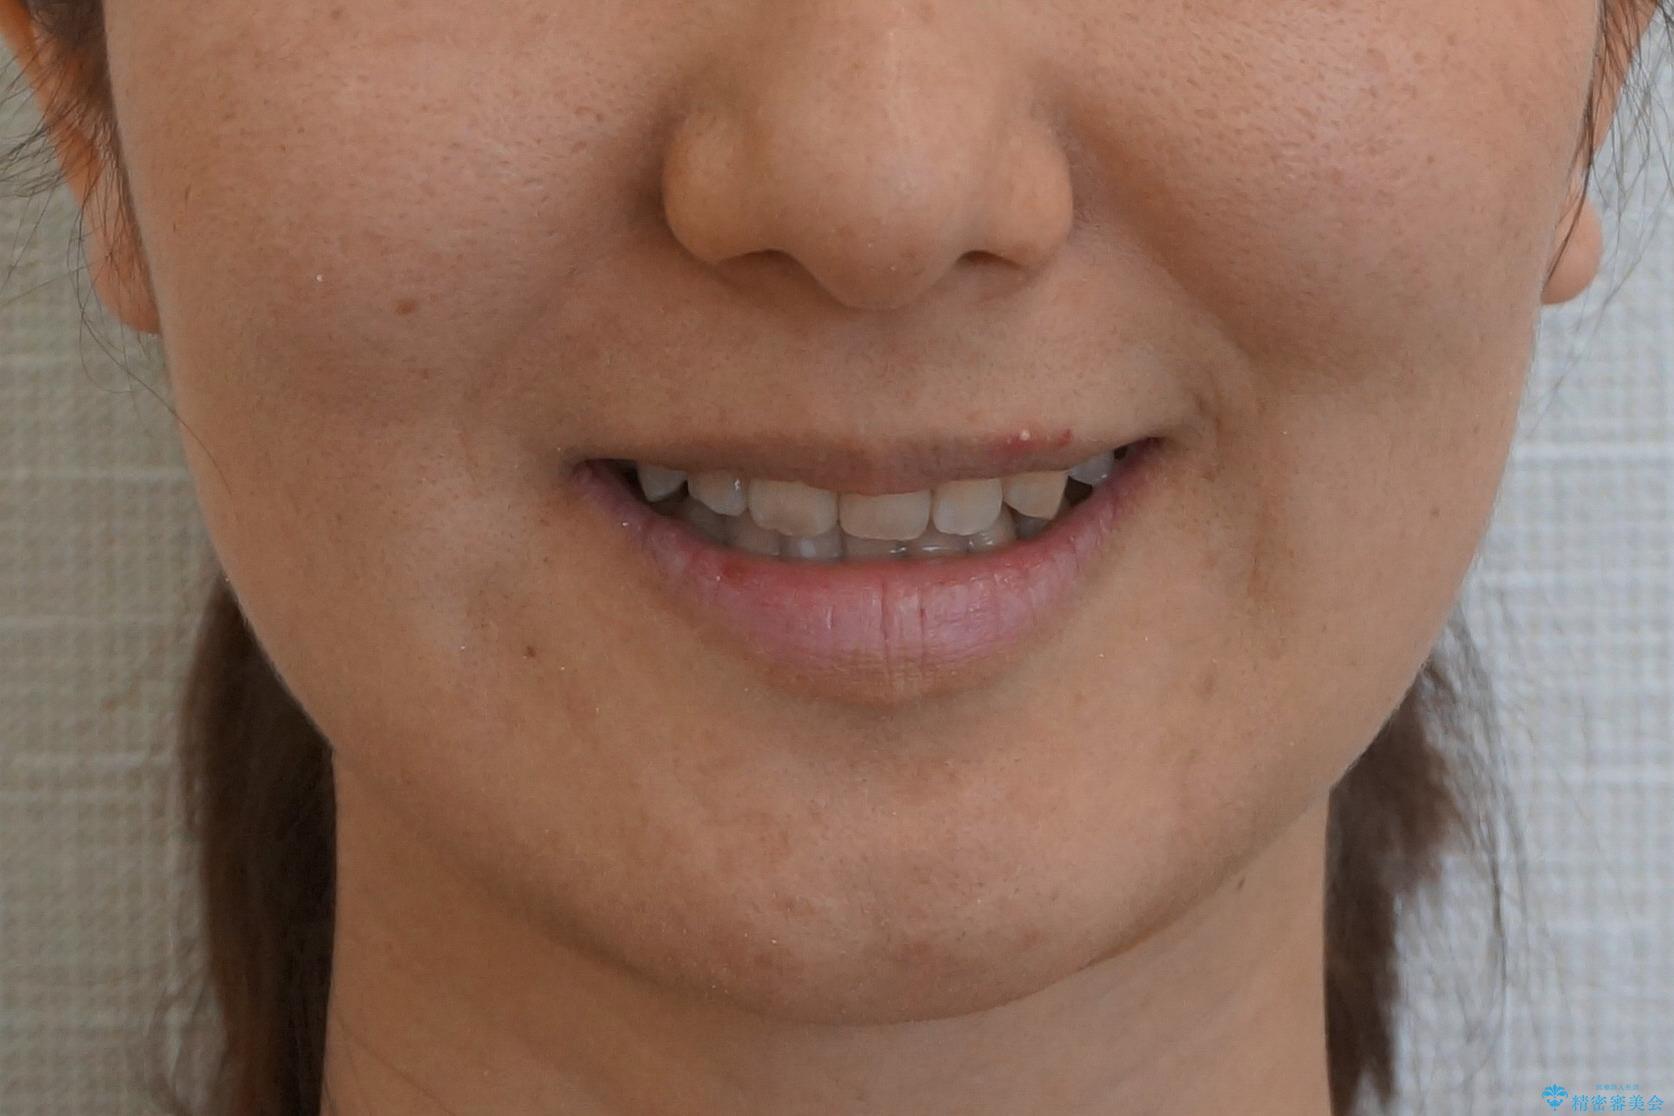 30代女性 残った乳歯を抜いてスペースを閉じる矯正 前歯のねじれの治療後(顔貌)